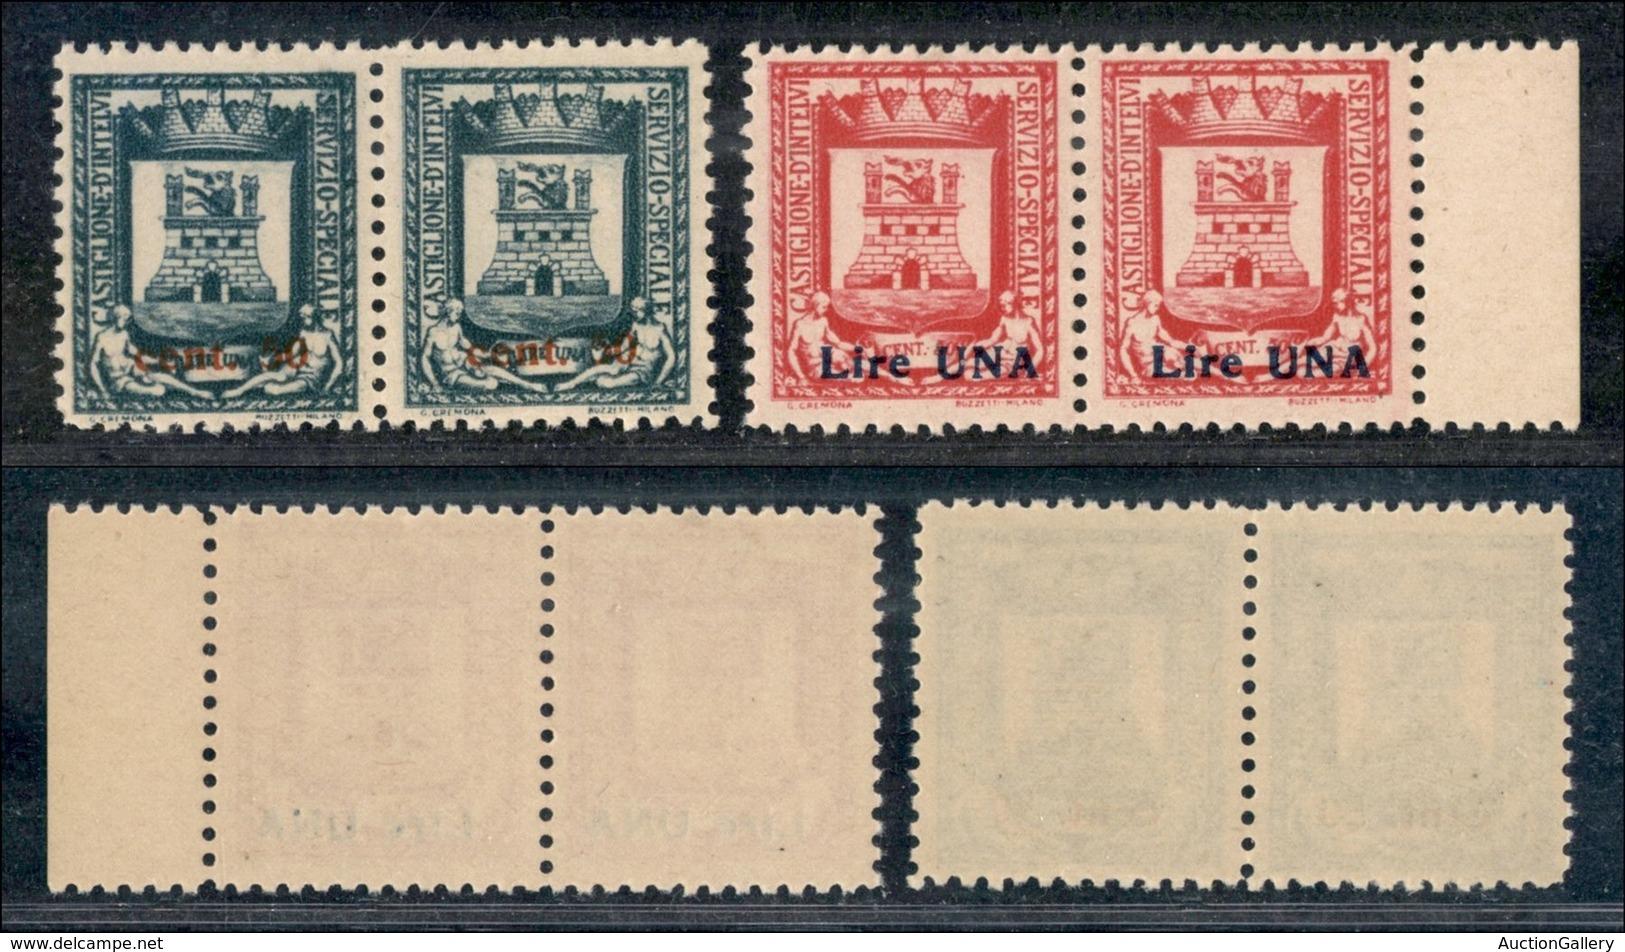 EMISSIONI LOCALI - Castglione D'Intelvi - 1945 - Stemma Soprastampati (18/19) - Serie Completa In Coppie Orizzontali - G - Unclassified